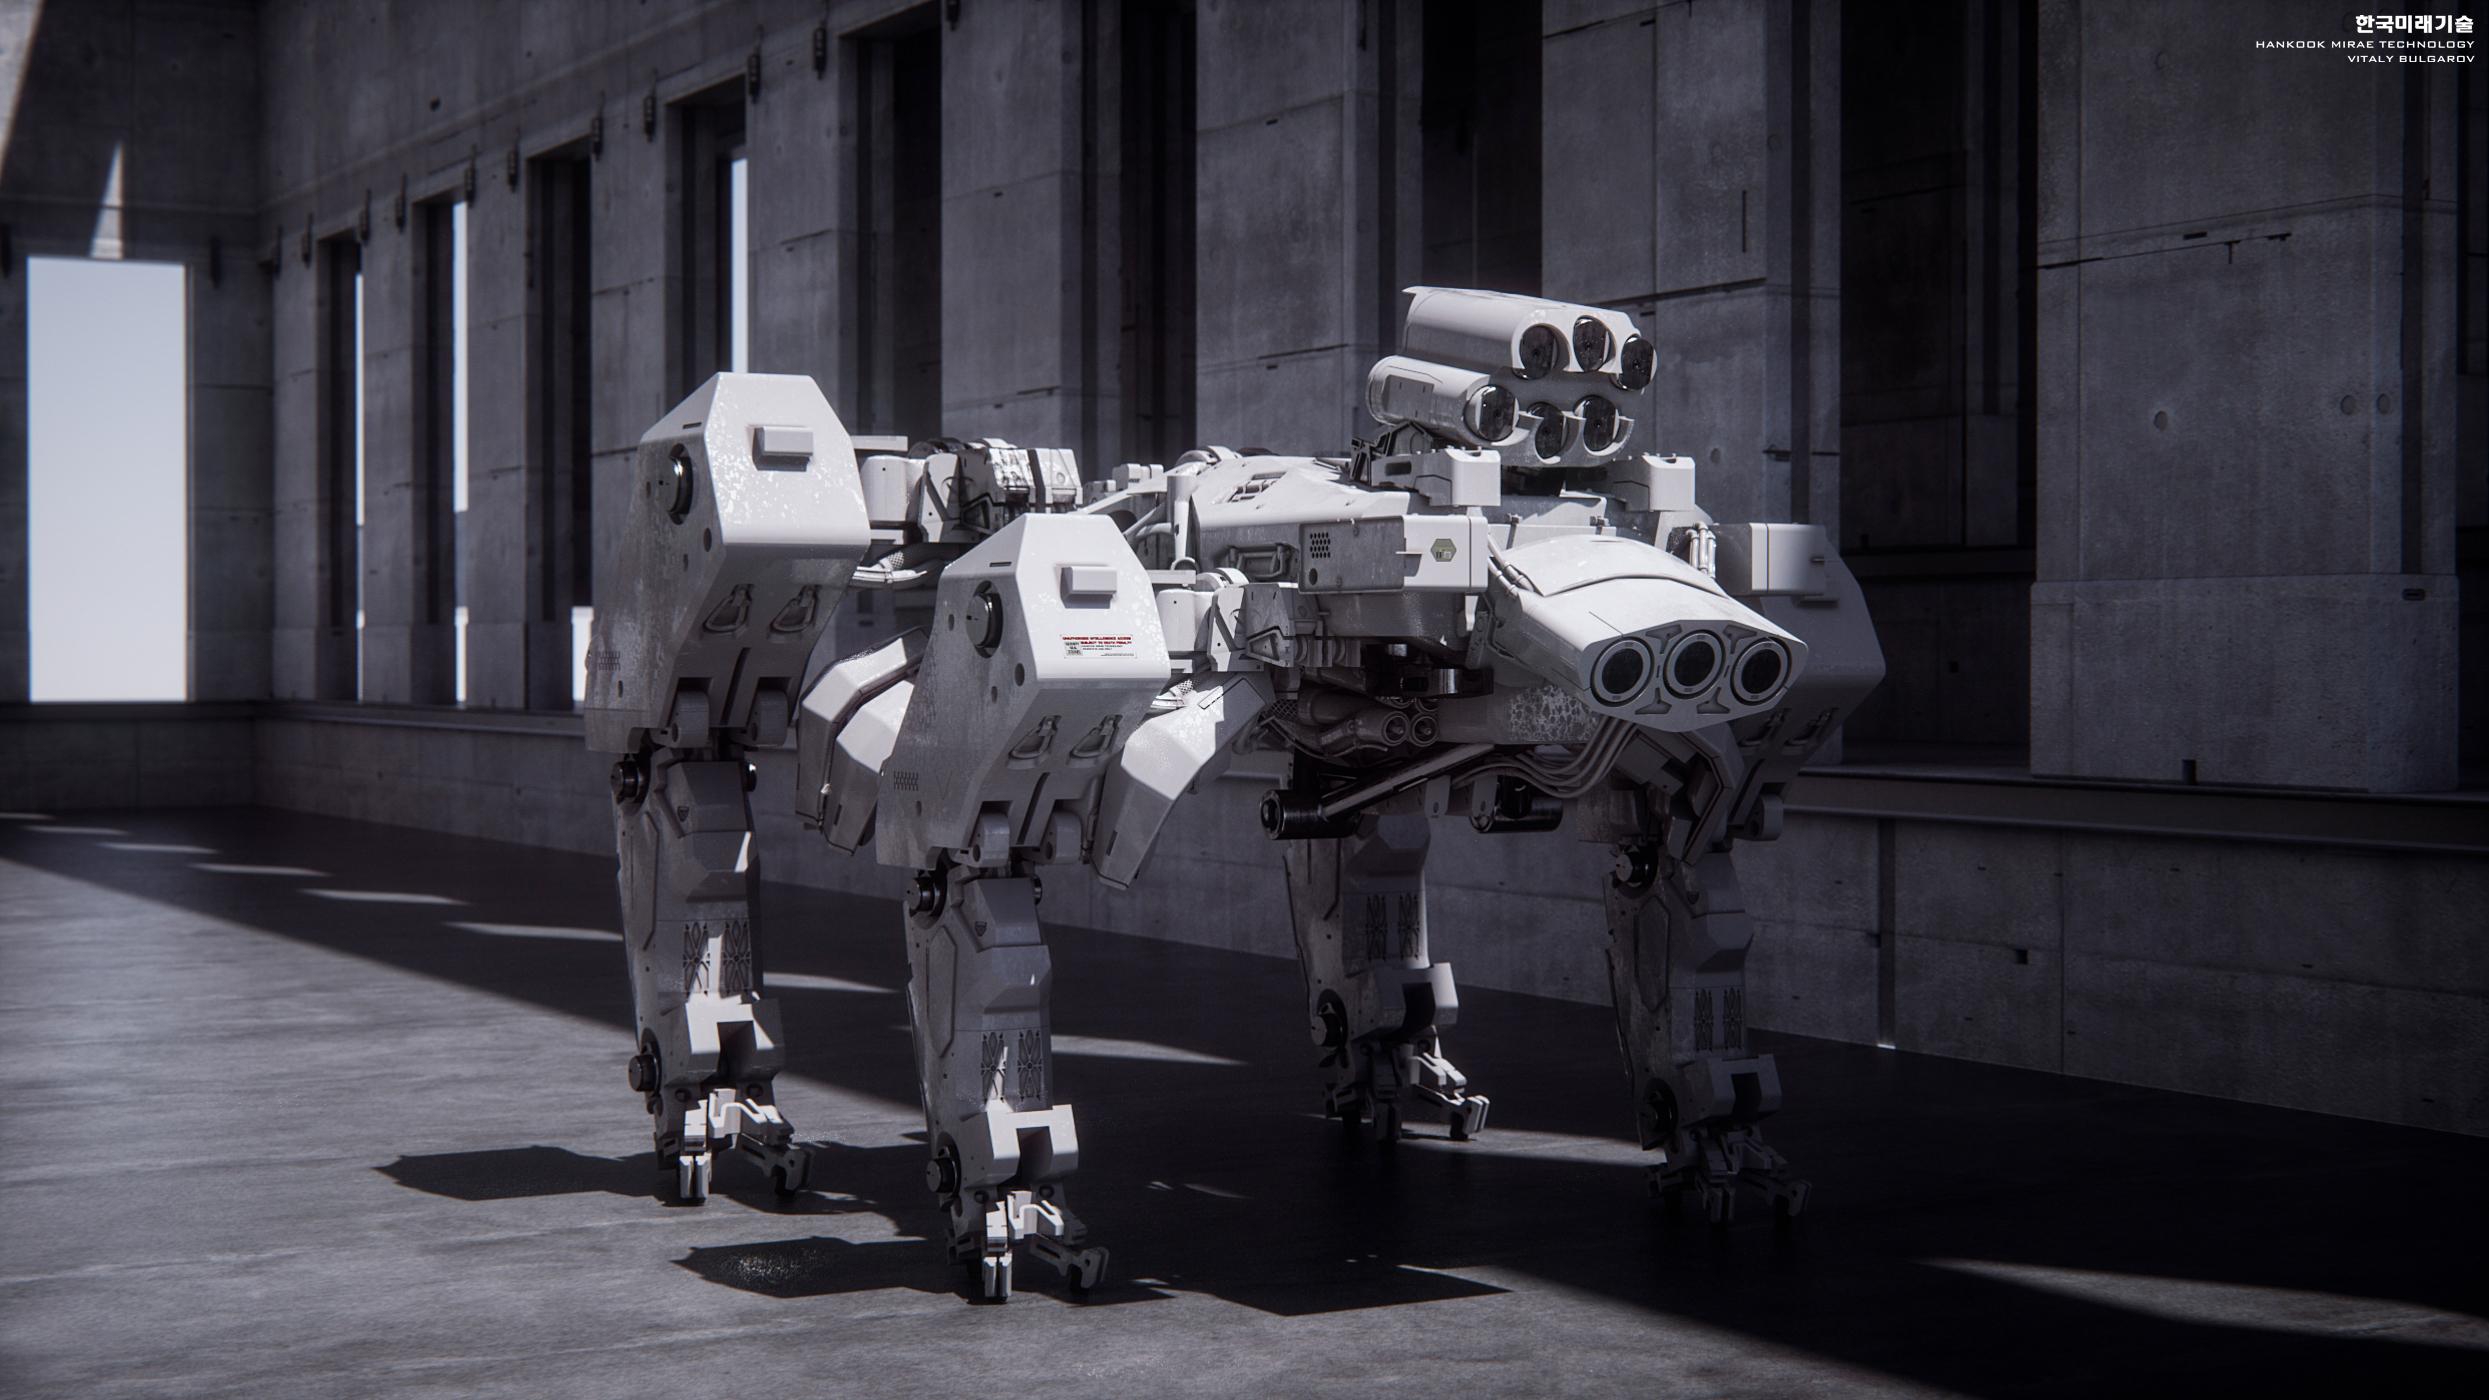 KFT_4LeggedRobot_V3_01.jpg